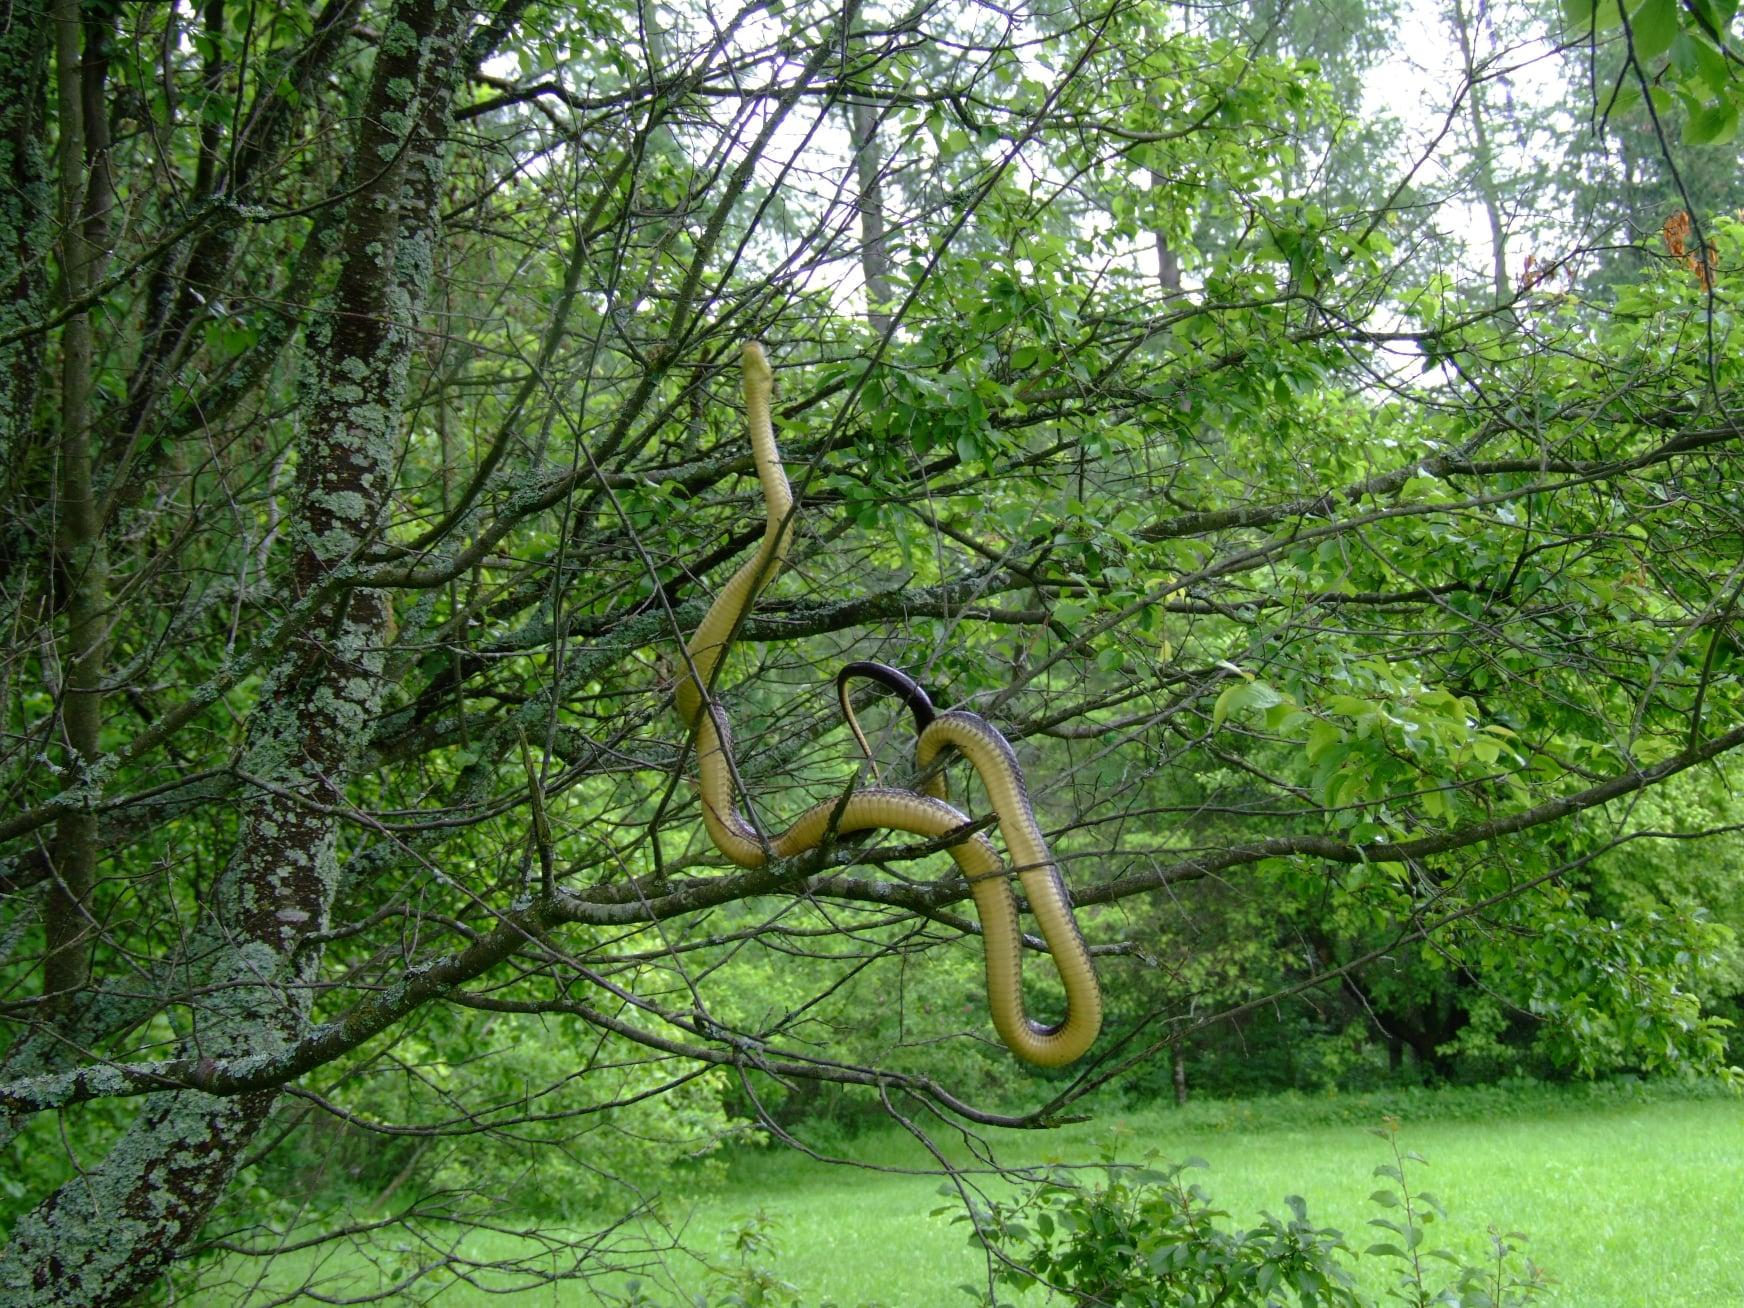 Bieszczady. Wąż dusiciel żyje w Bieszczadach! [FOTO] - Zdjęcie główne